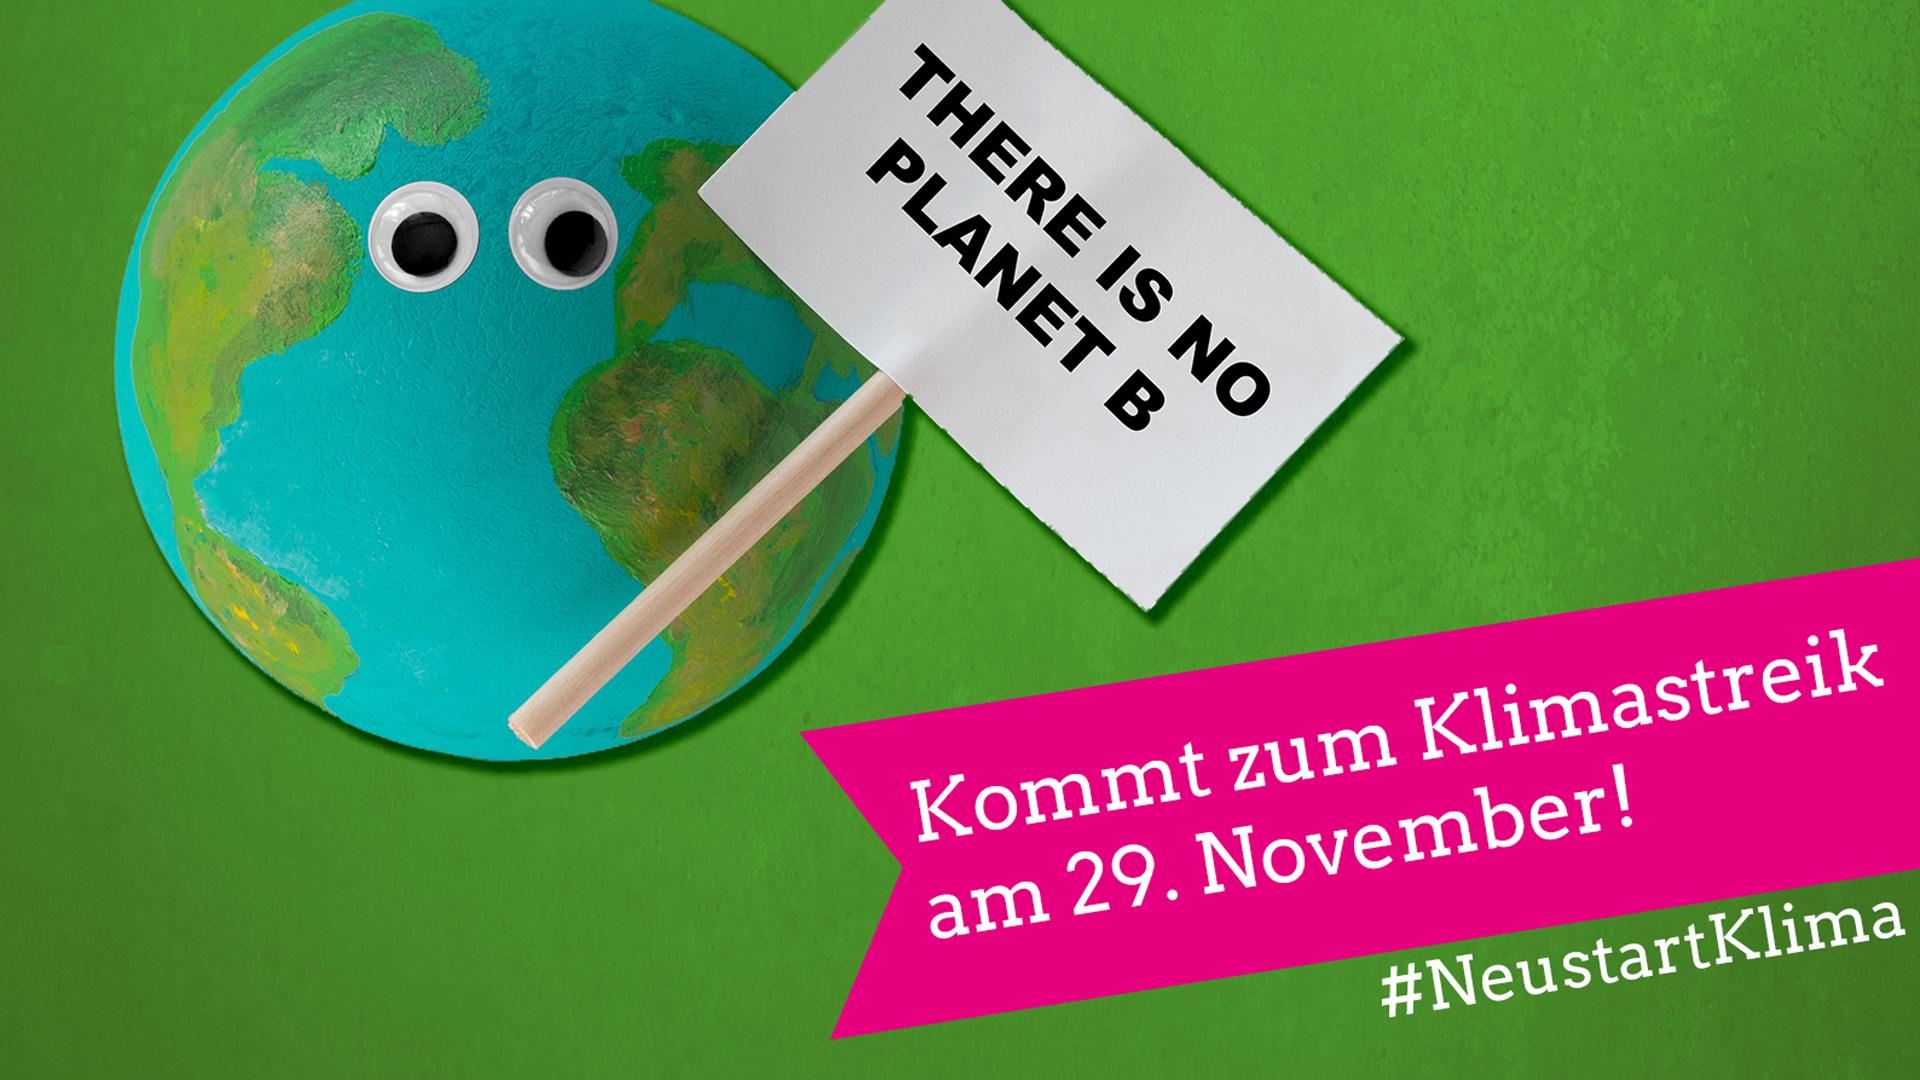 Komm zum Klimastreik am 29. November!